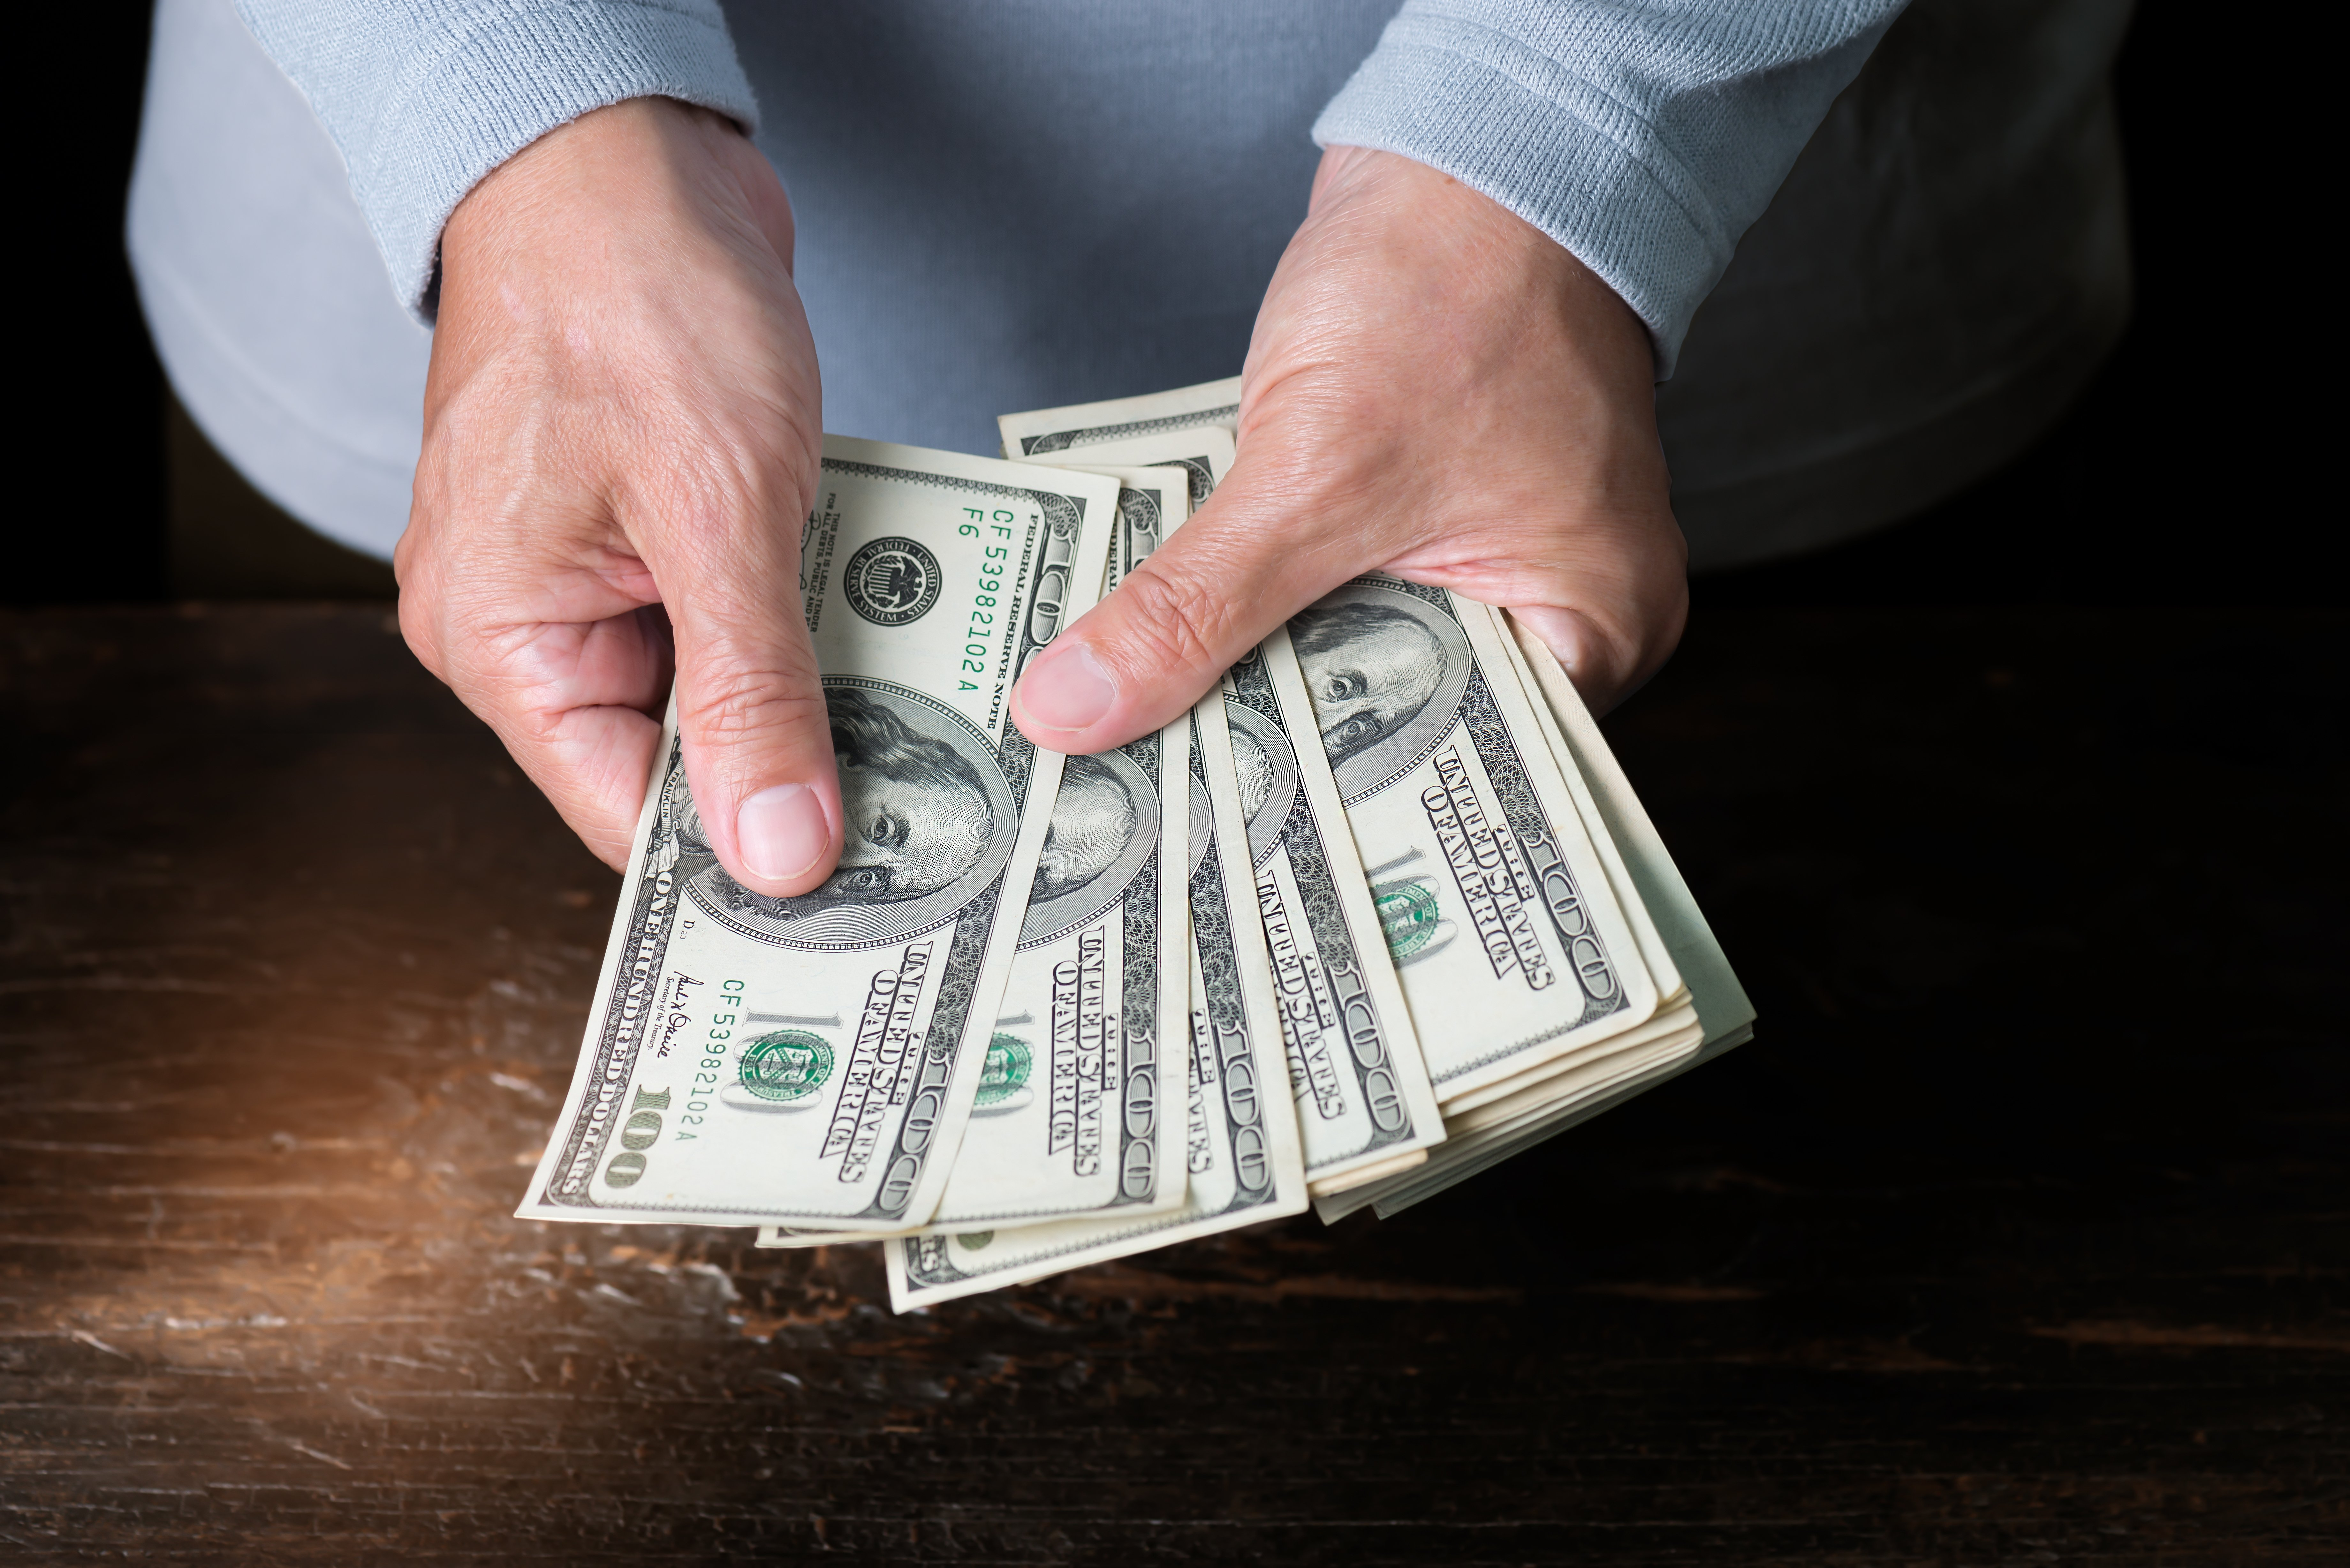 Un homme qui tient plusieurs billets d'argent | Photo : Shutterstock